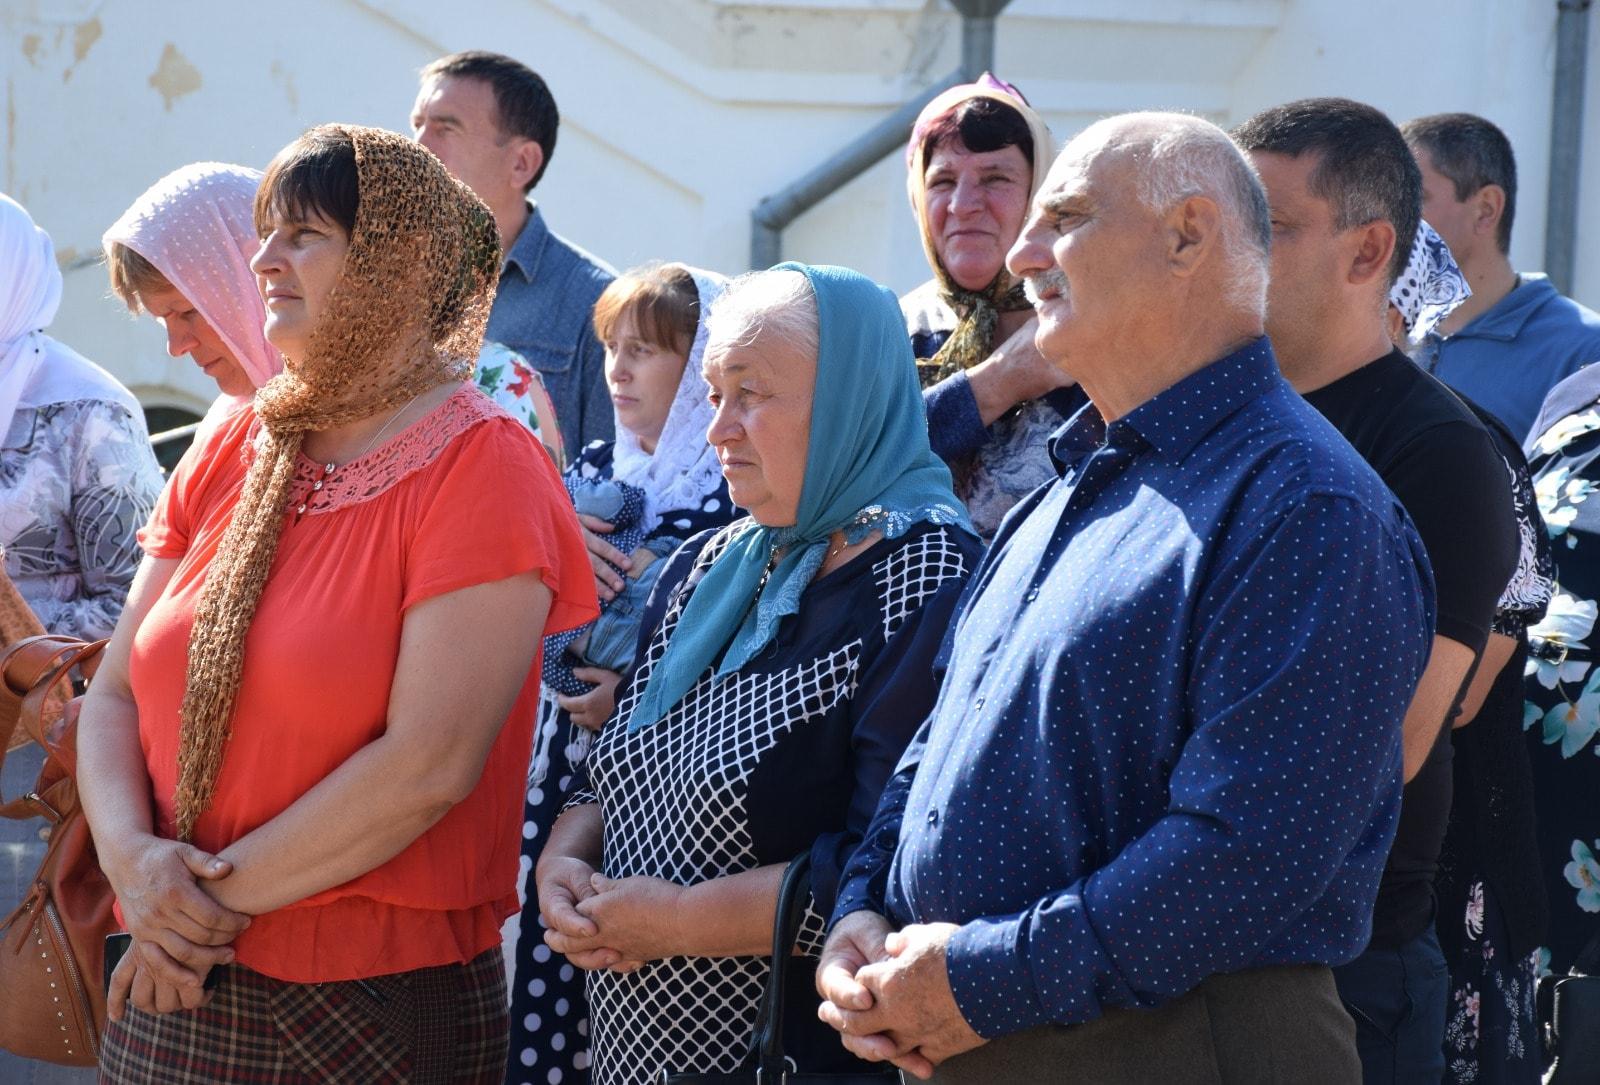 Без масок, носпоцелуями. Вмонастыре Хирова десятки людей вместе сглавой Оргеевского района собрались наслужбу (ФОТО)